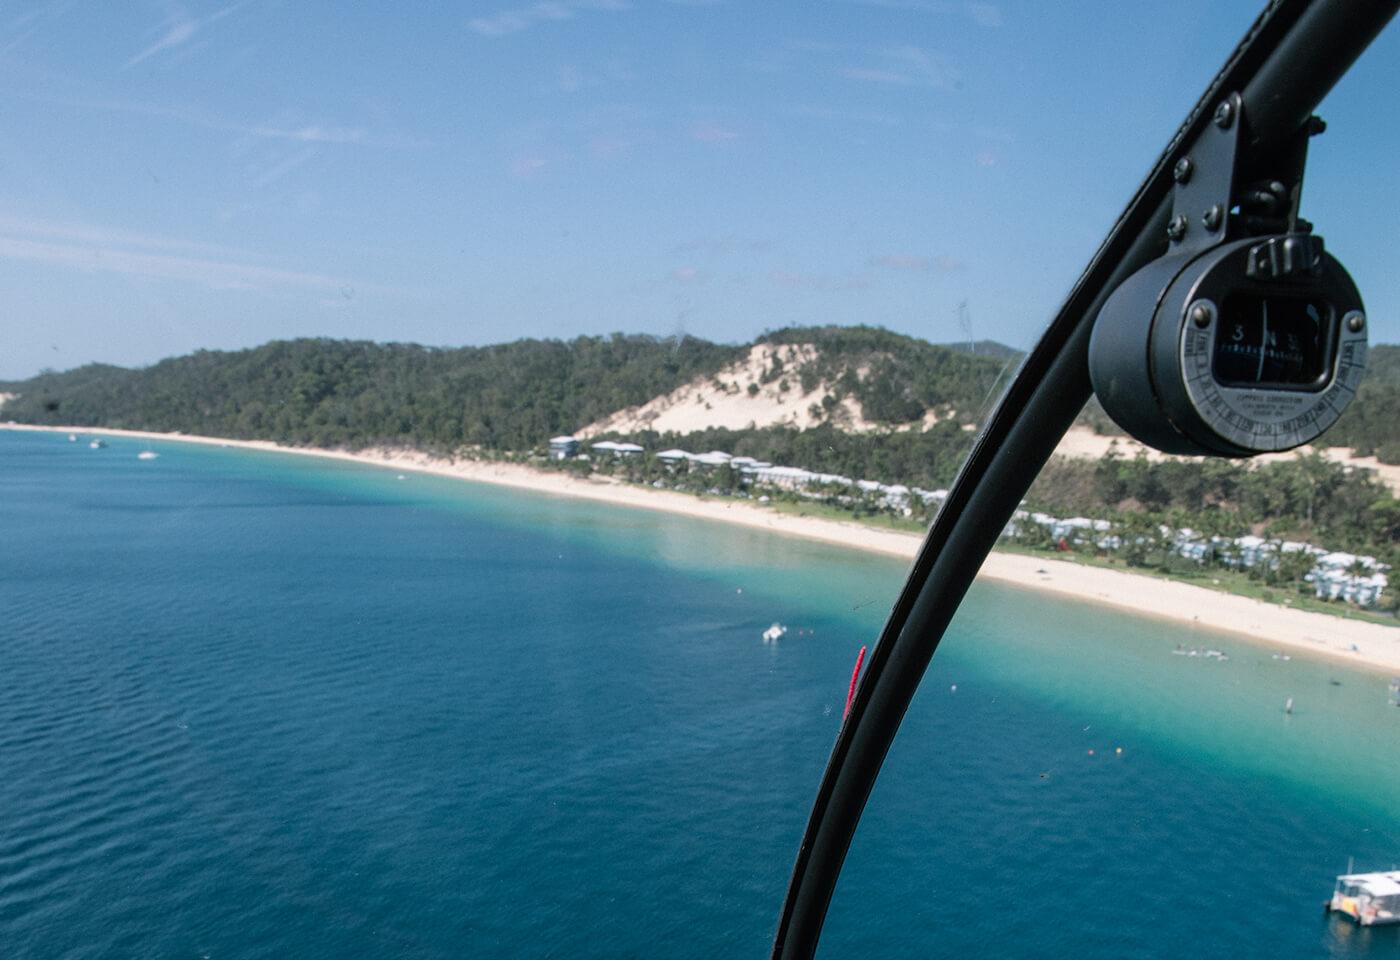 Aerial image of Hobart